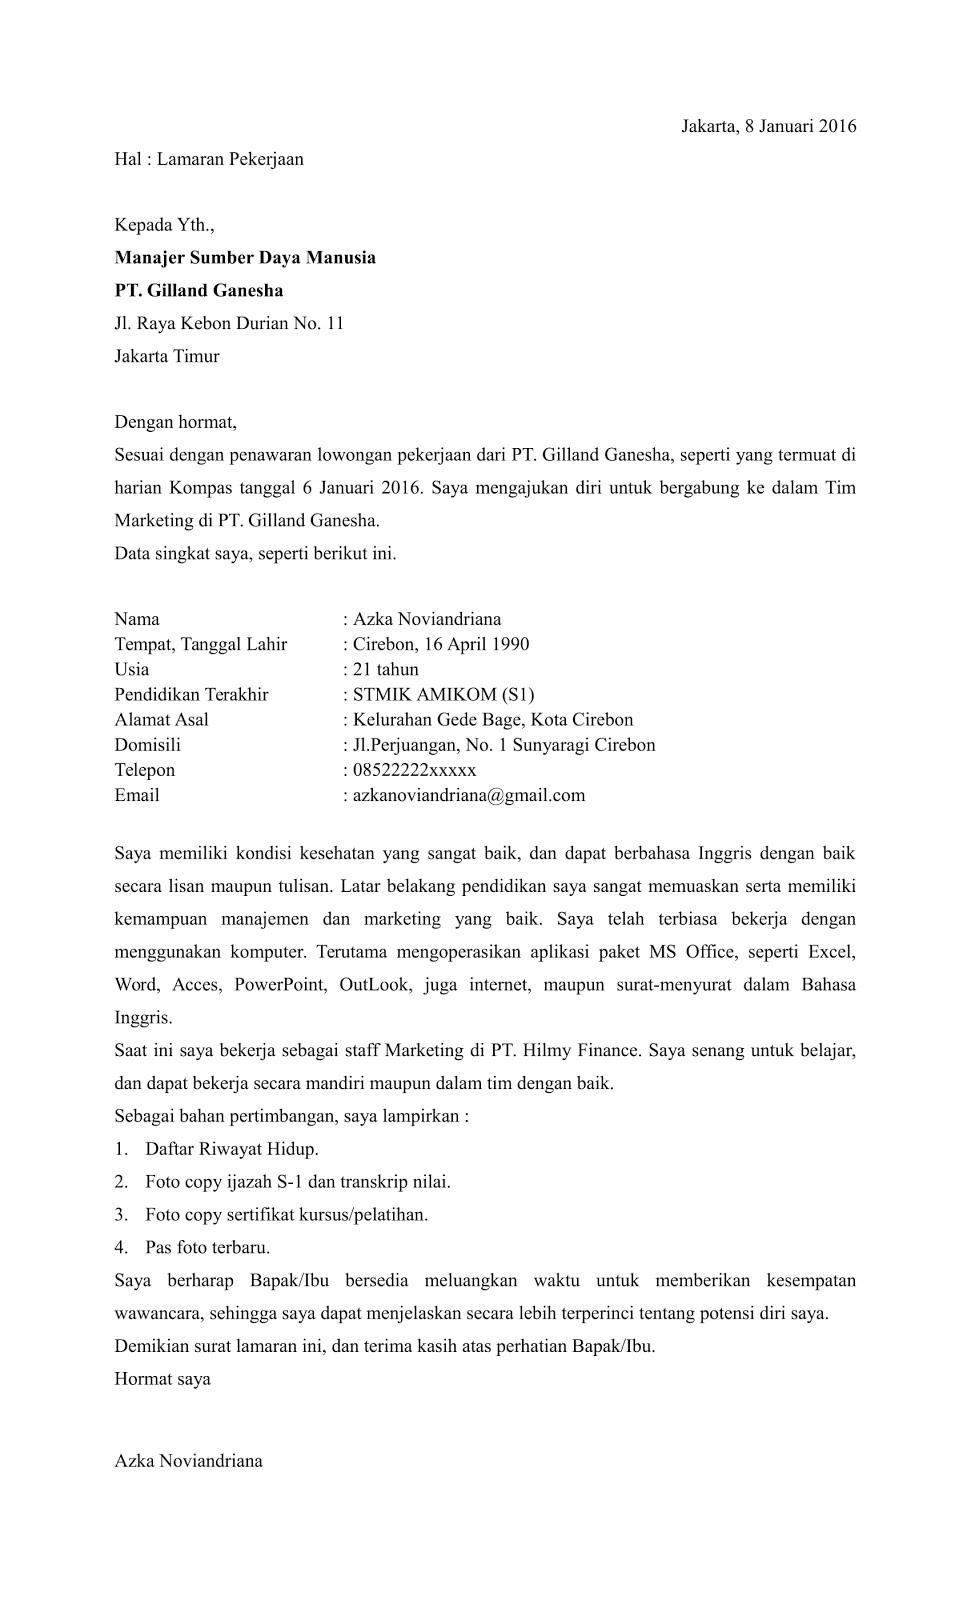 Contoh Surat Lamaran Kerja Di Pt Hwi Contoh Surat Lamaran Kerja